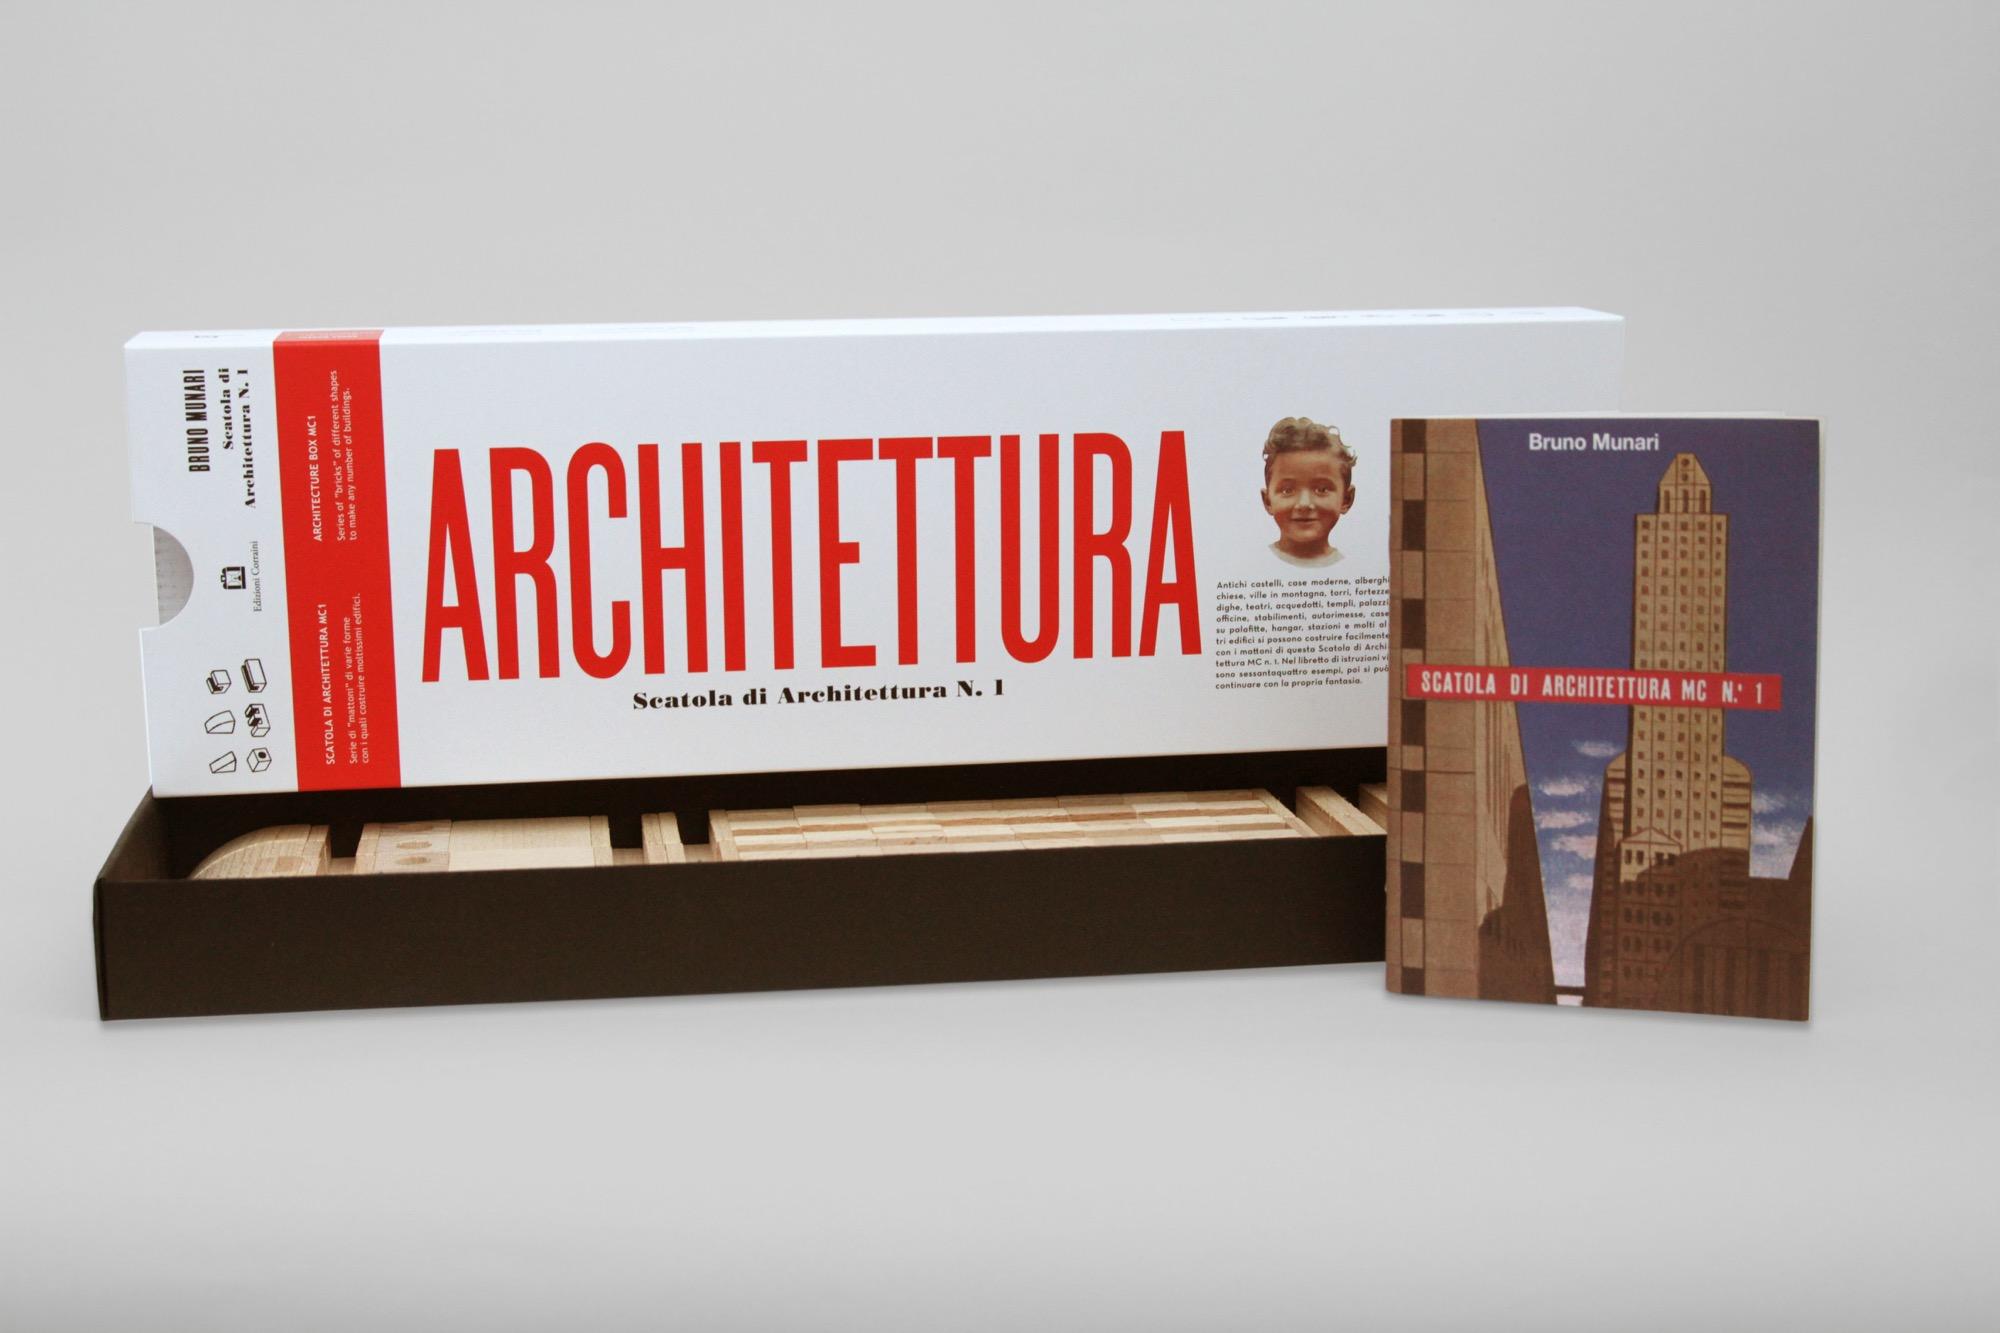 La nuova edizione della Scatola di Architettura MC n°1 di Bruno Munari